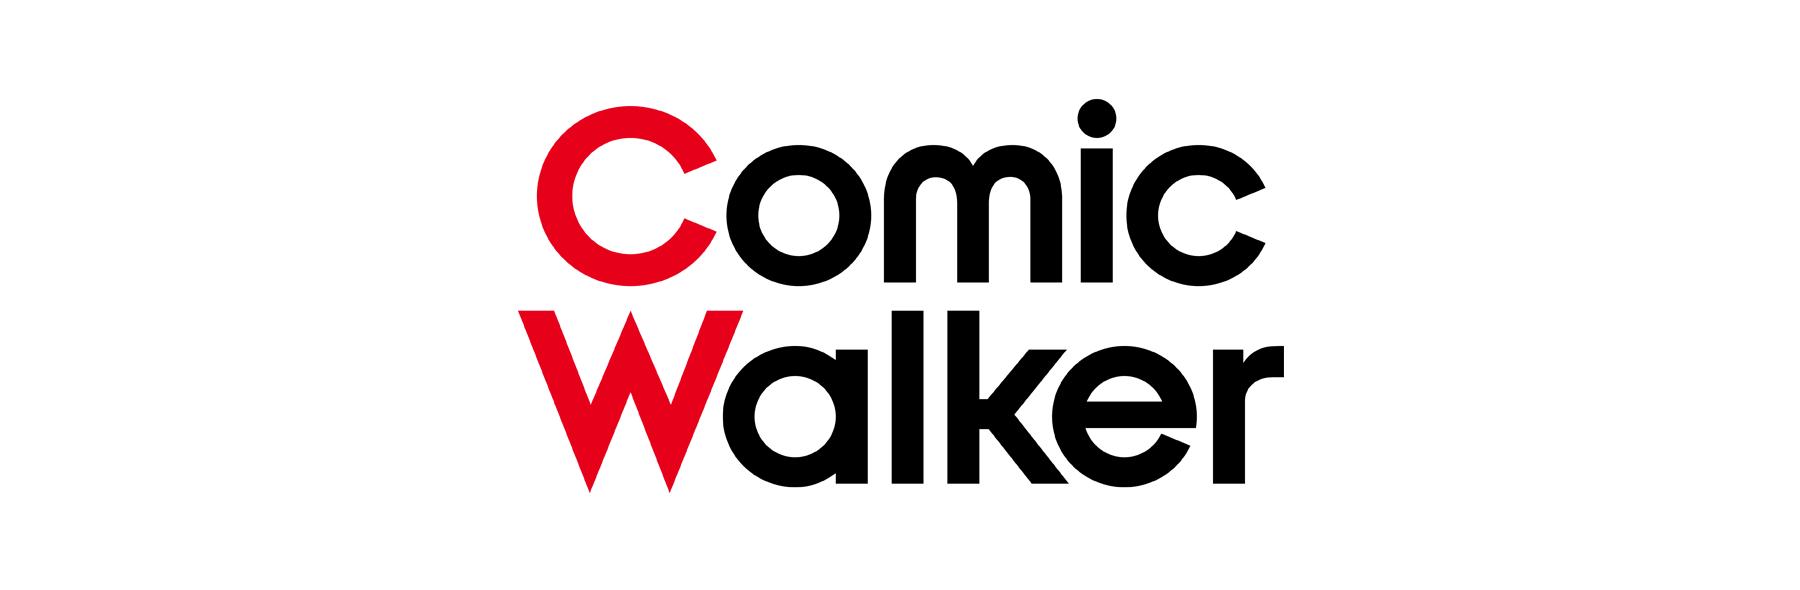 コミックウォーカー コミック一覧 無料コミック comicwalker